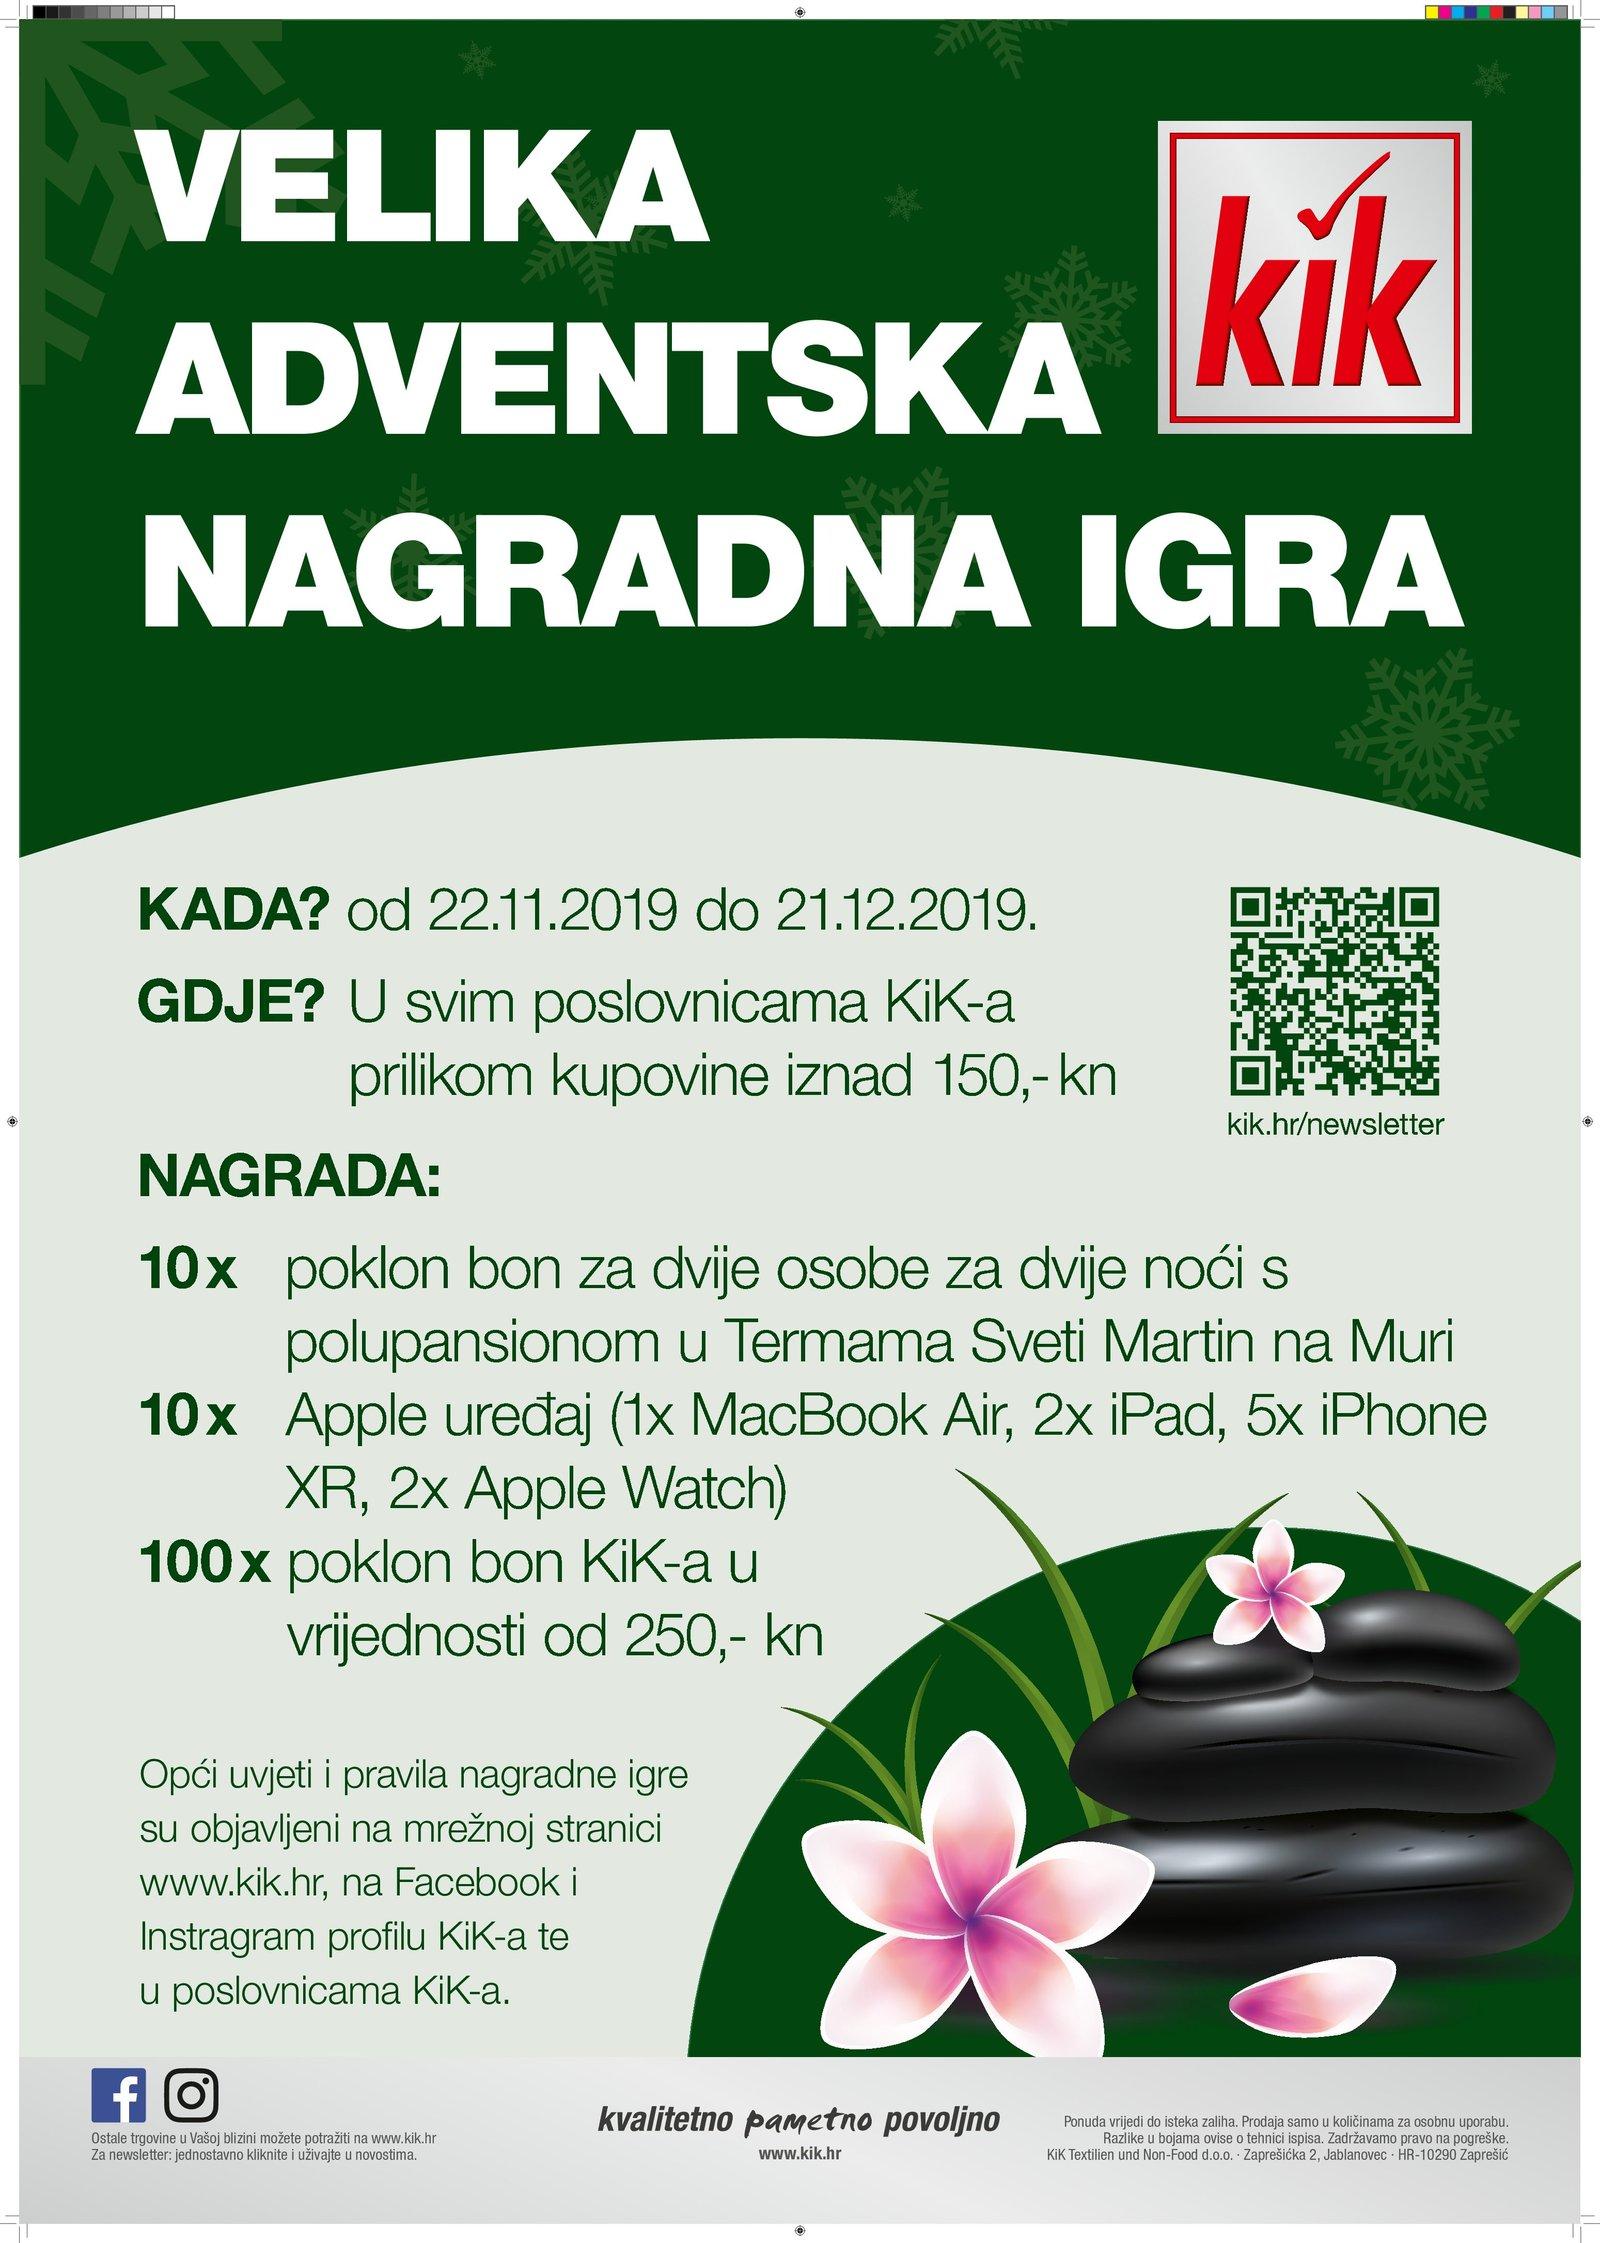 Kik daruje: Velika adventska nagradna igra!